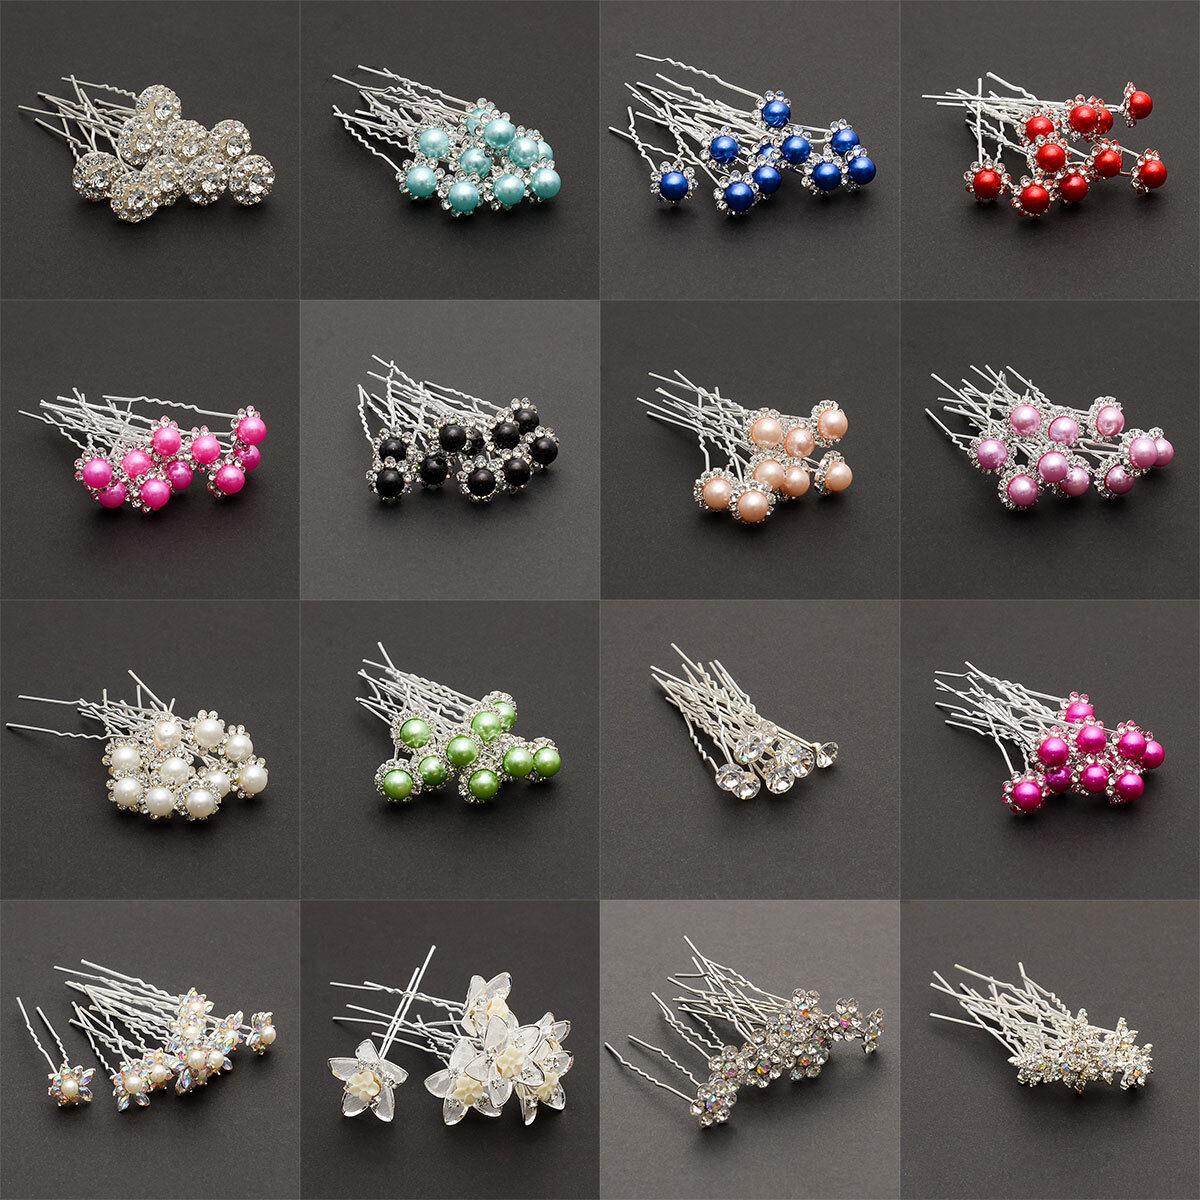 10 Haarnadel Haarnadeln für Brautfrisur Haarschmuck Strass Perlen Blumen Neu